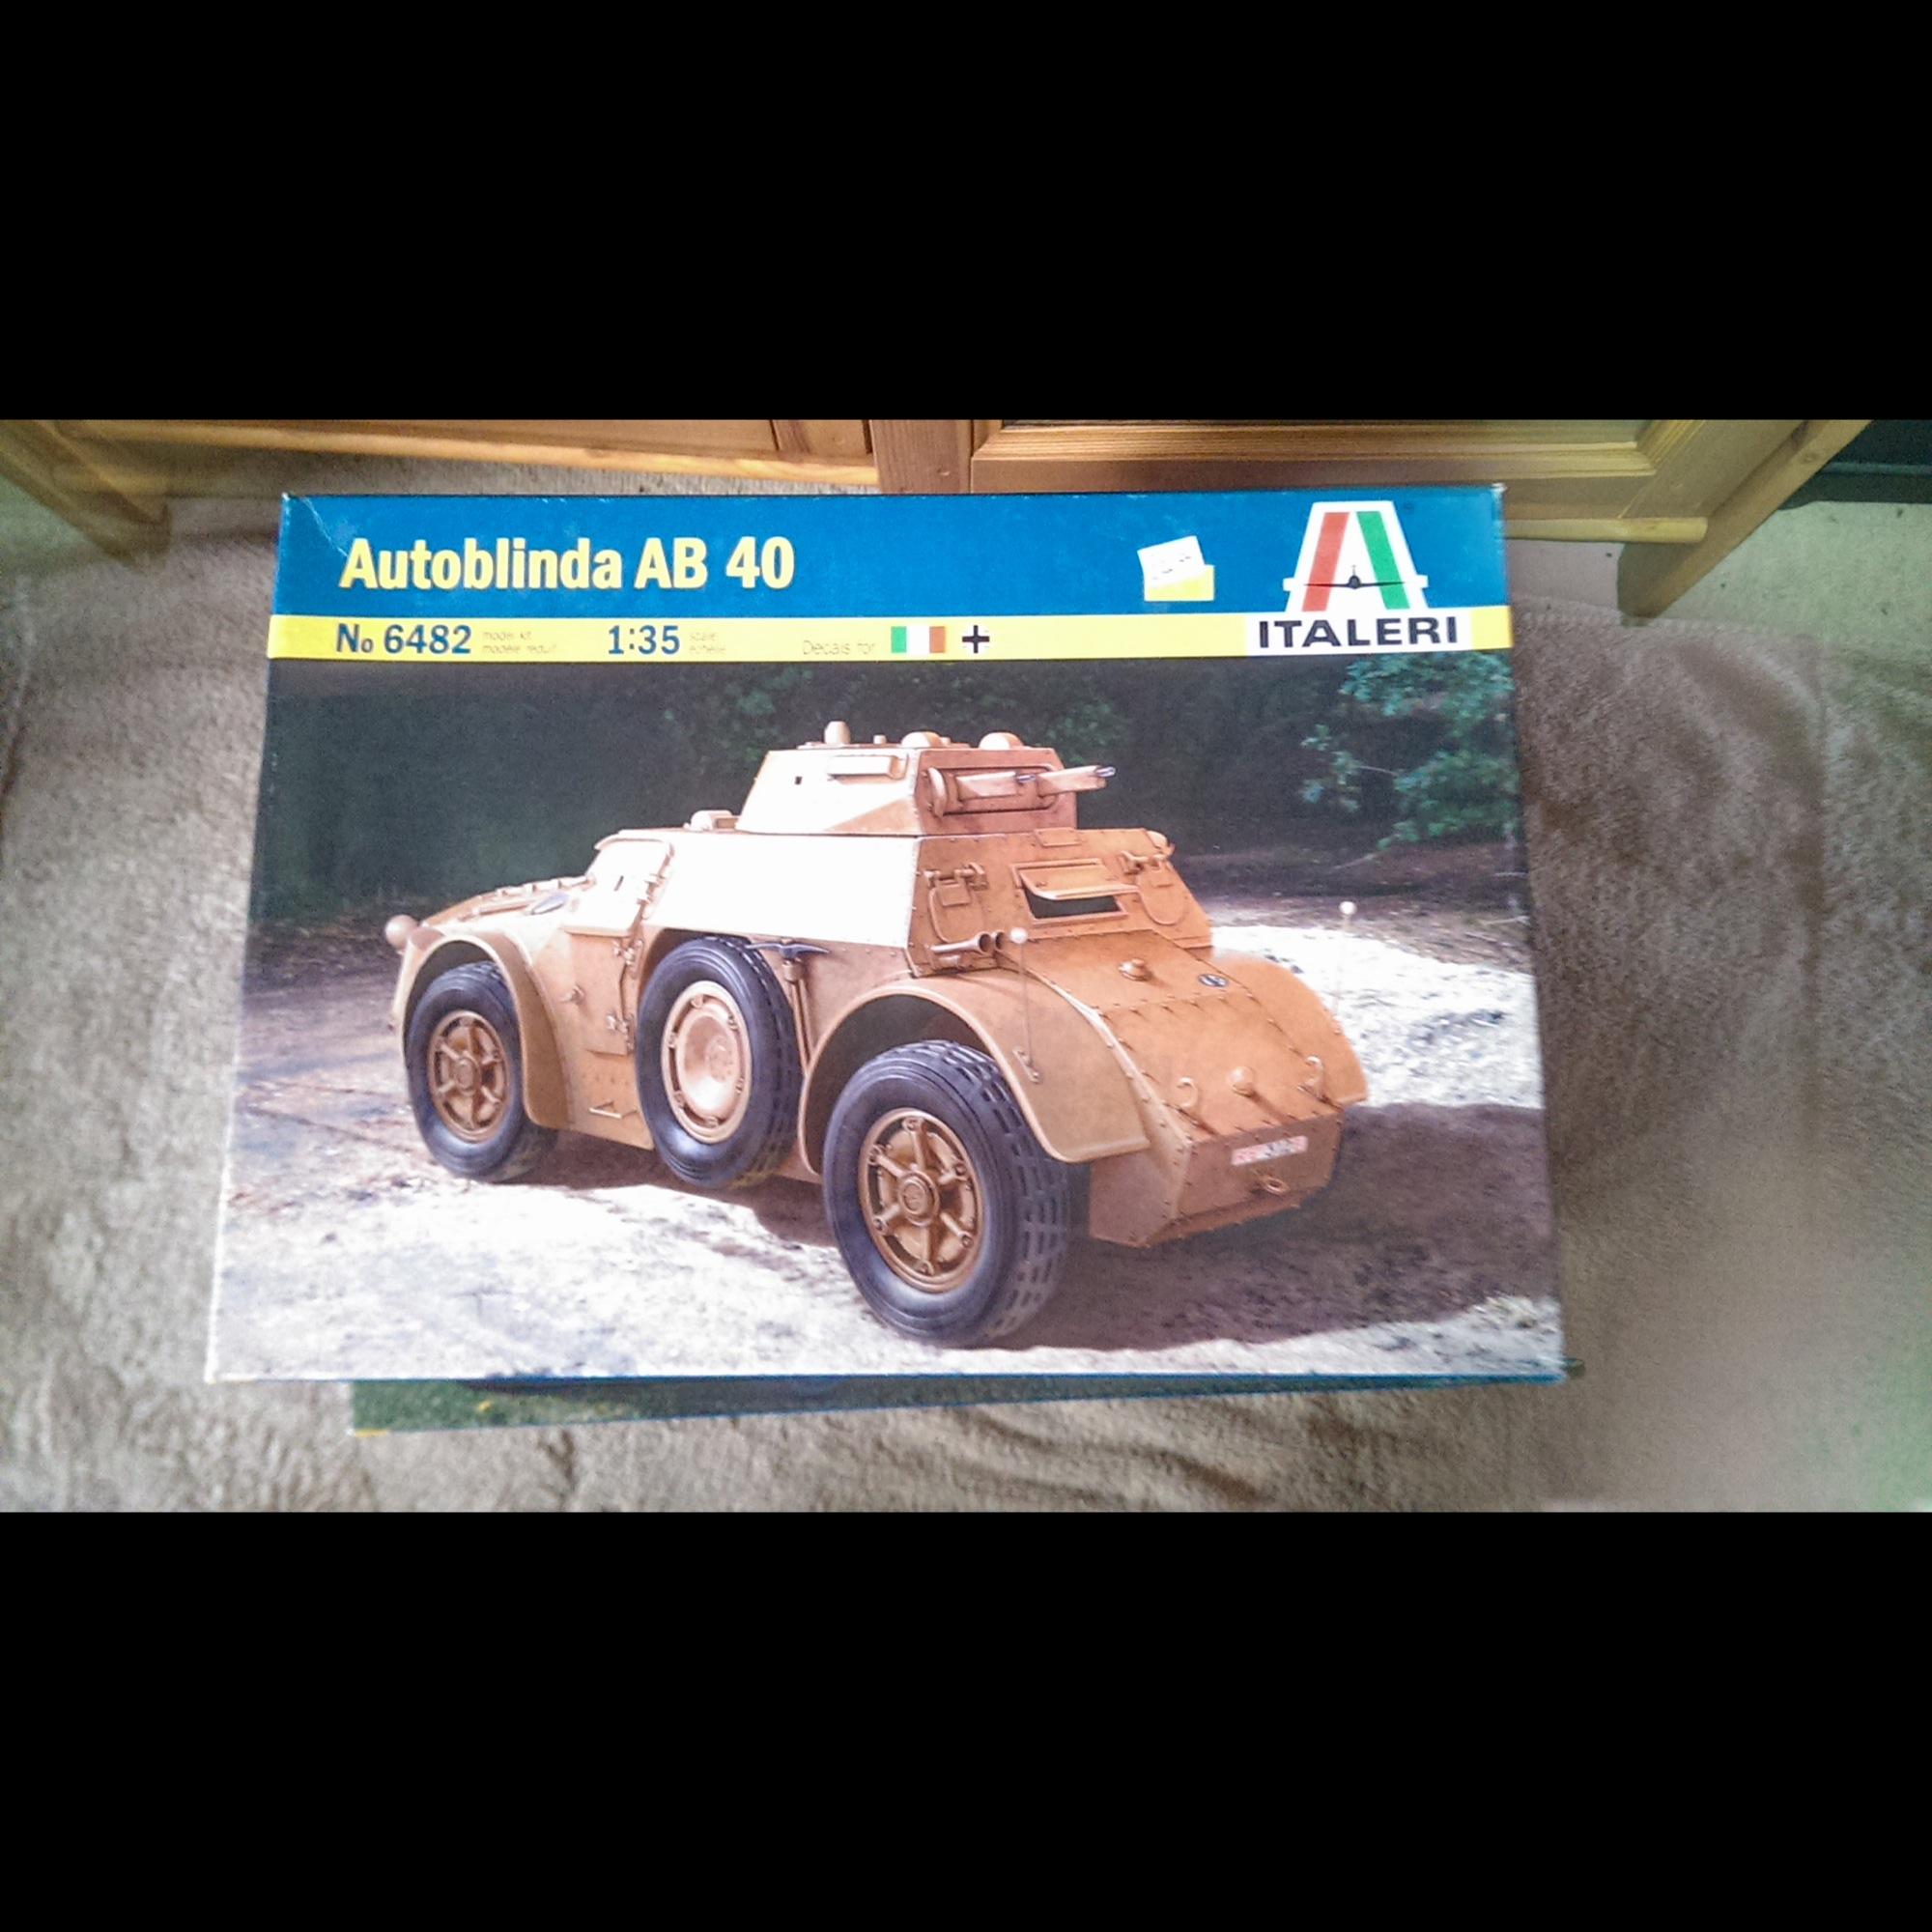 Autoblinda AB40